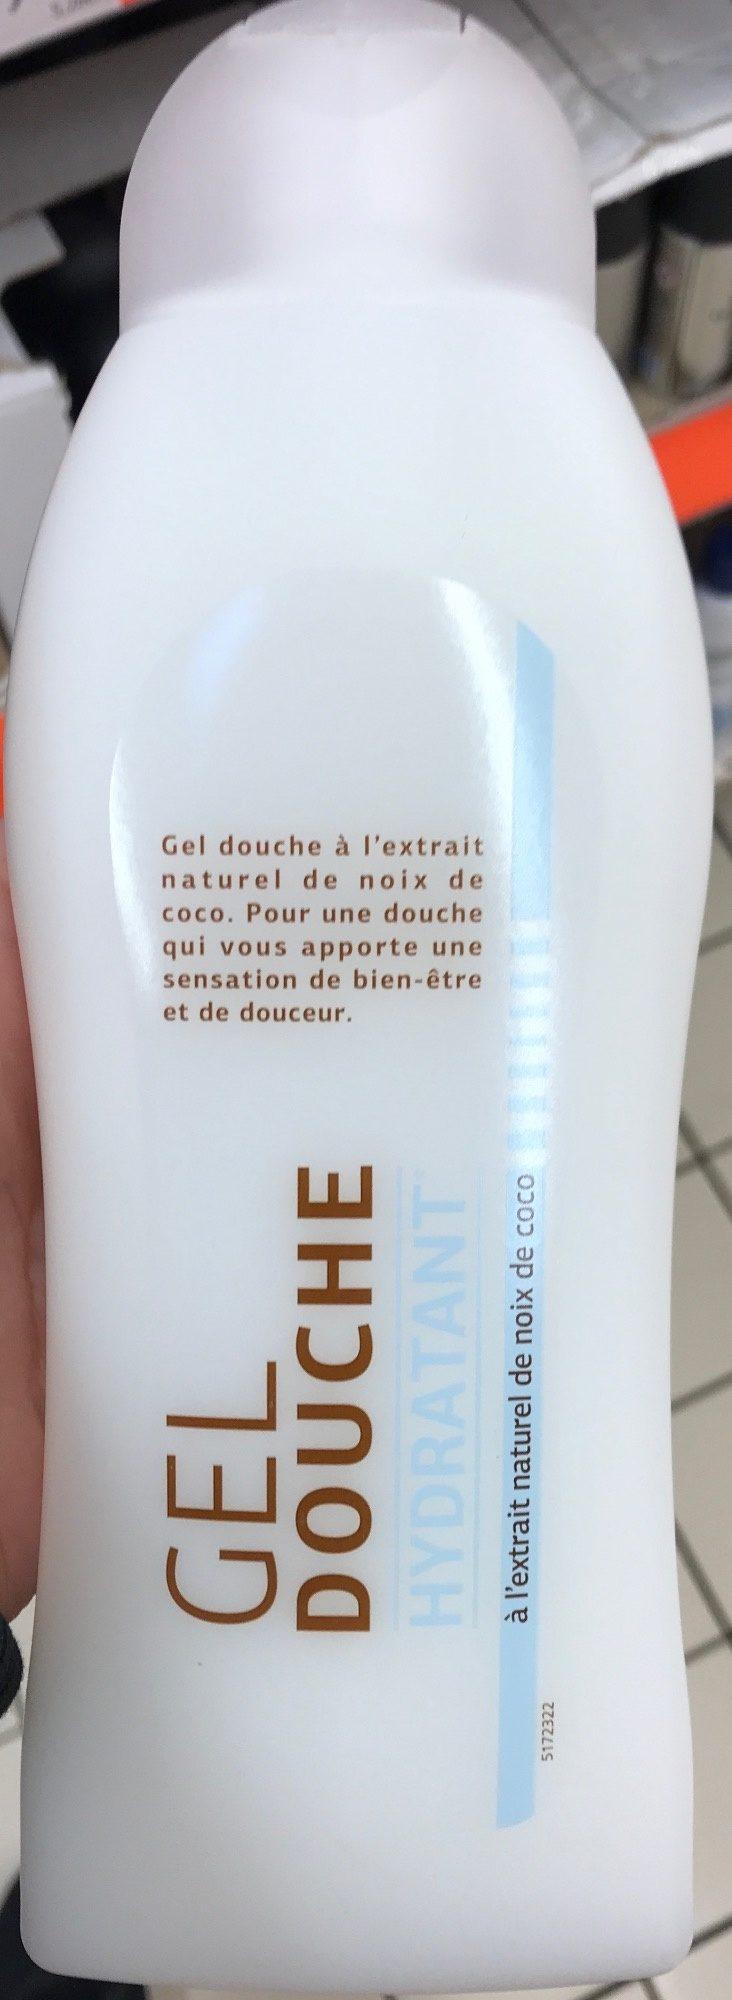 Gel douche hydratant à l'extrait de noix de coco - Product - fr